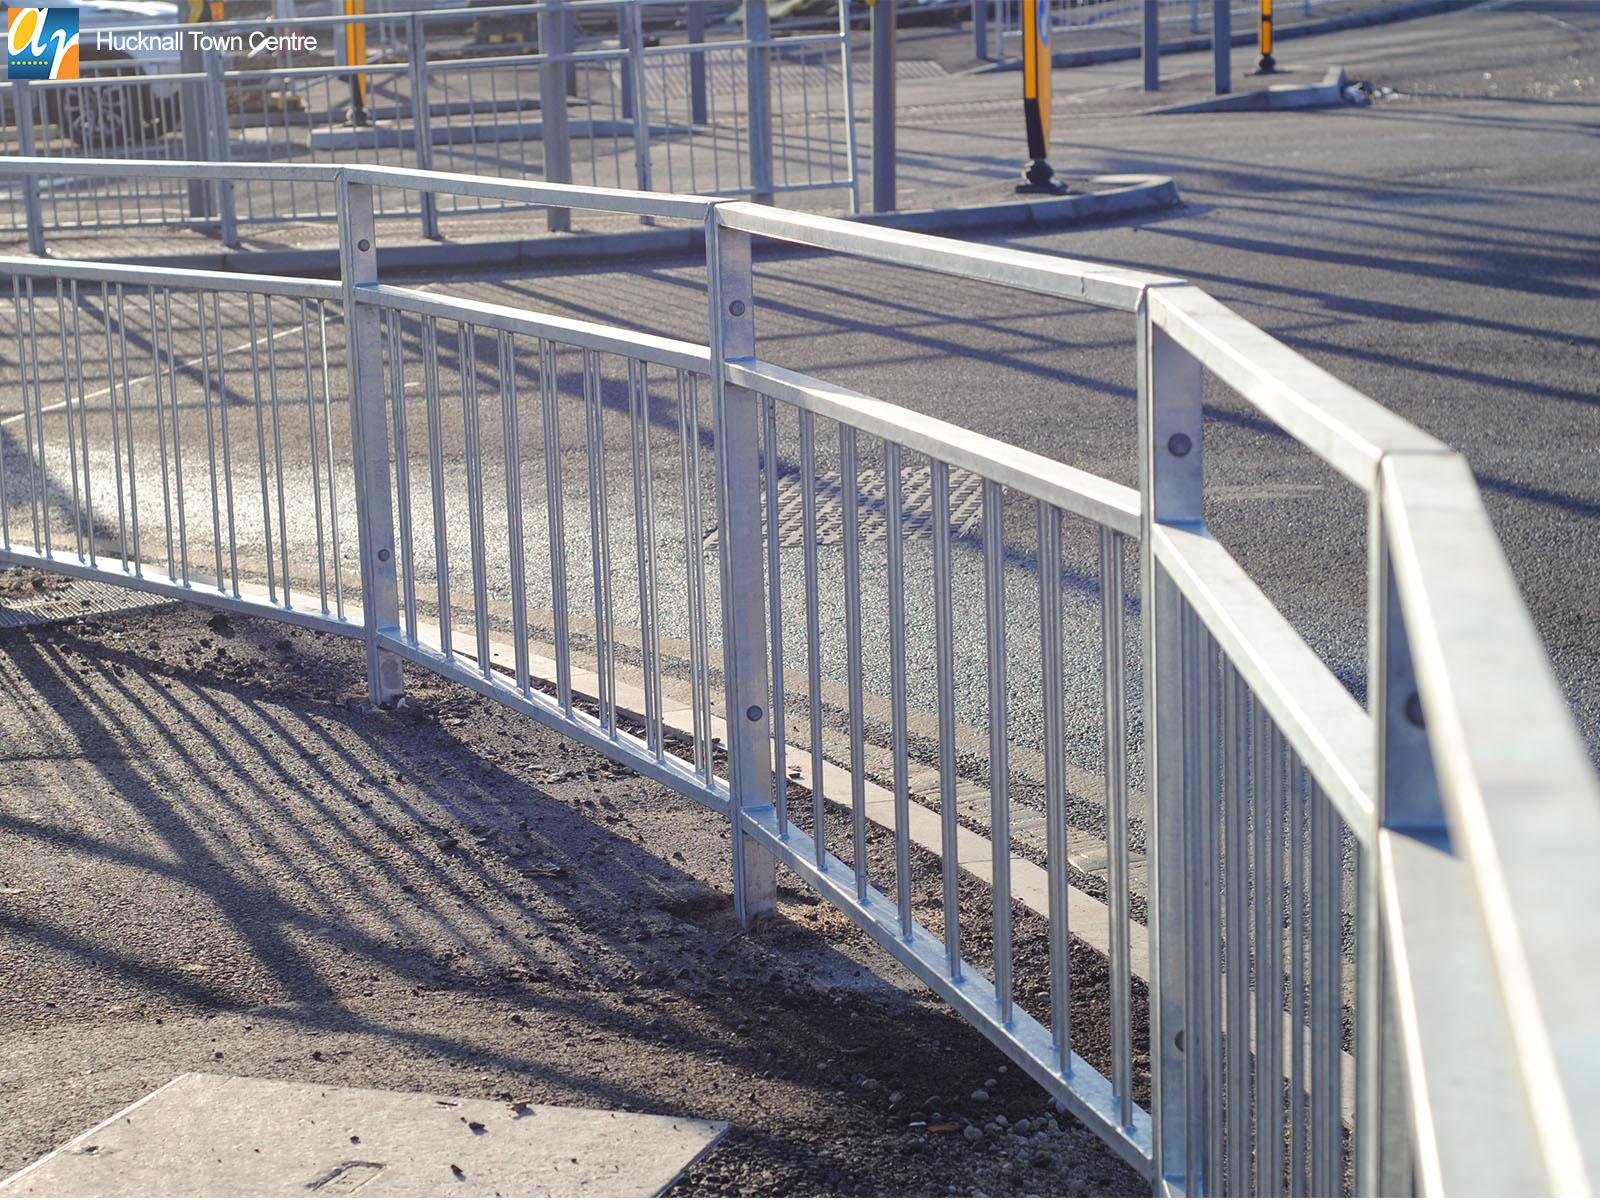 Hucknall Pedestrian Guardrail